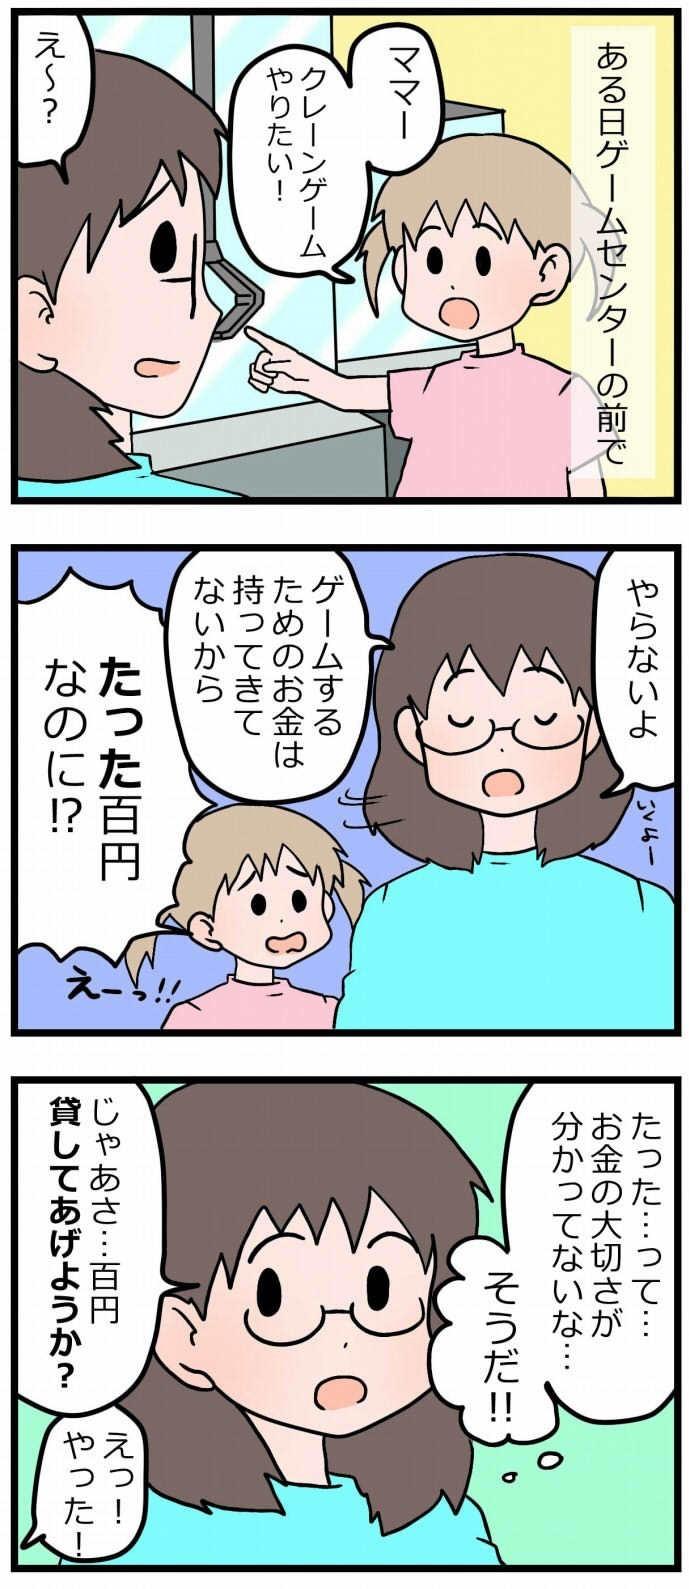 ご飯完食!秘訣はまさか、コレ!?…「たった100円」の価値…今週のおすすめ記事!の画像4